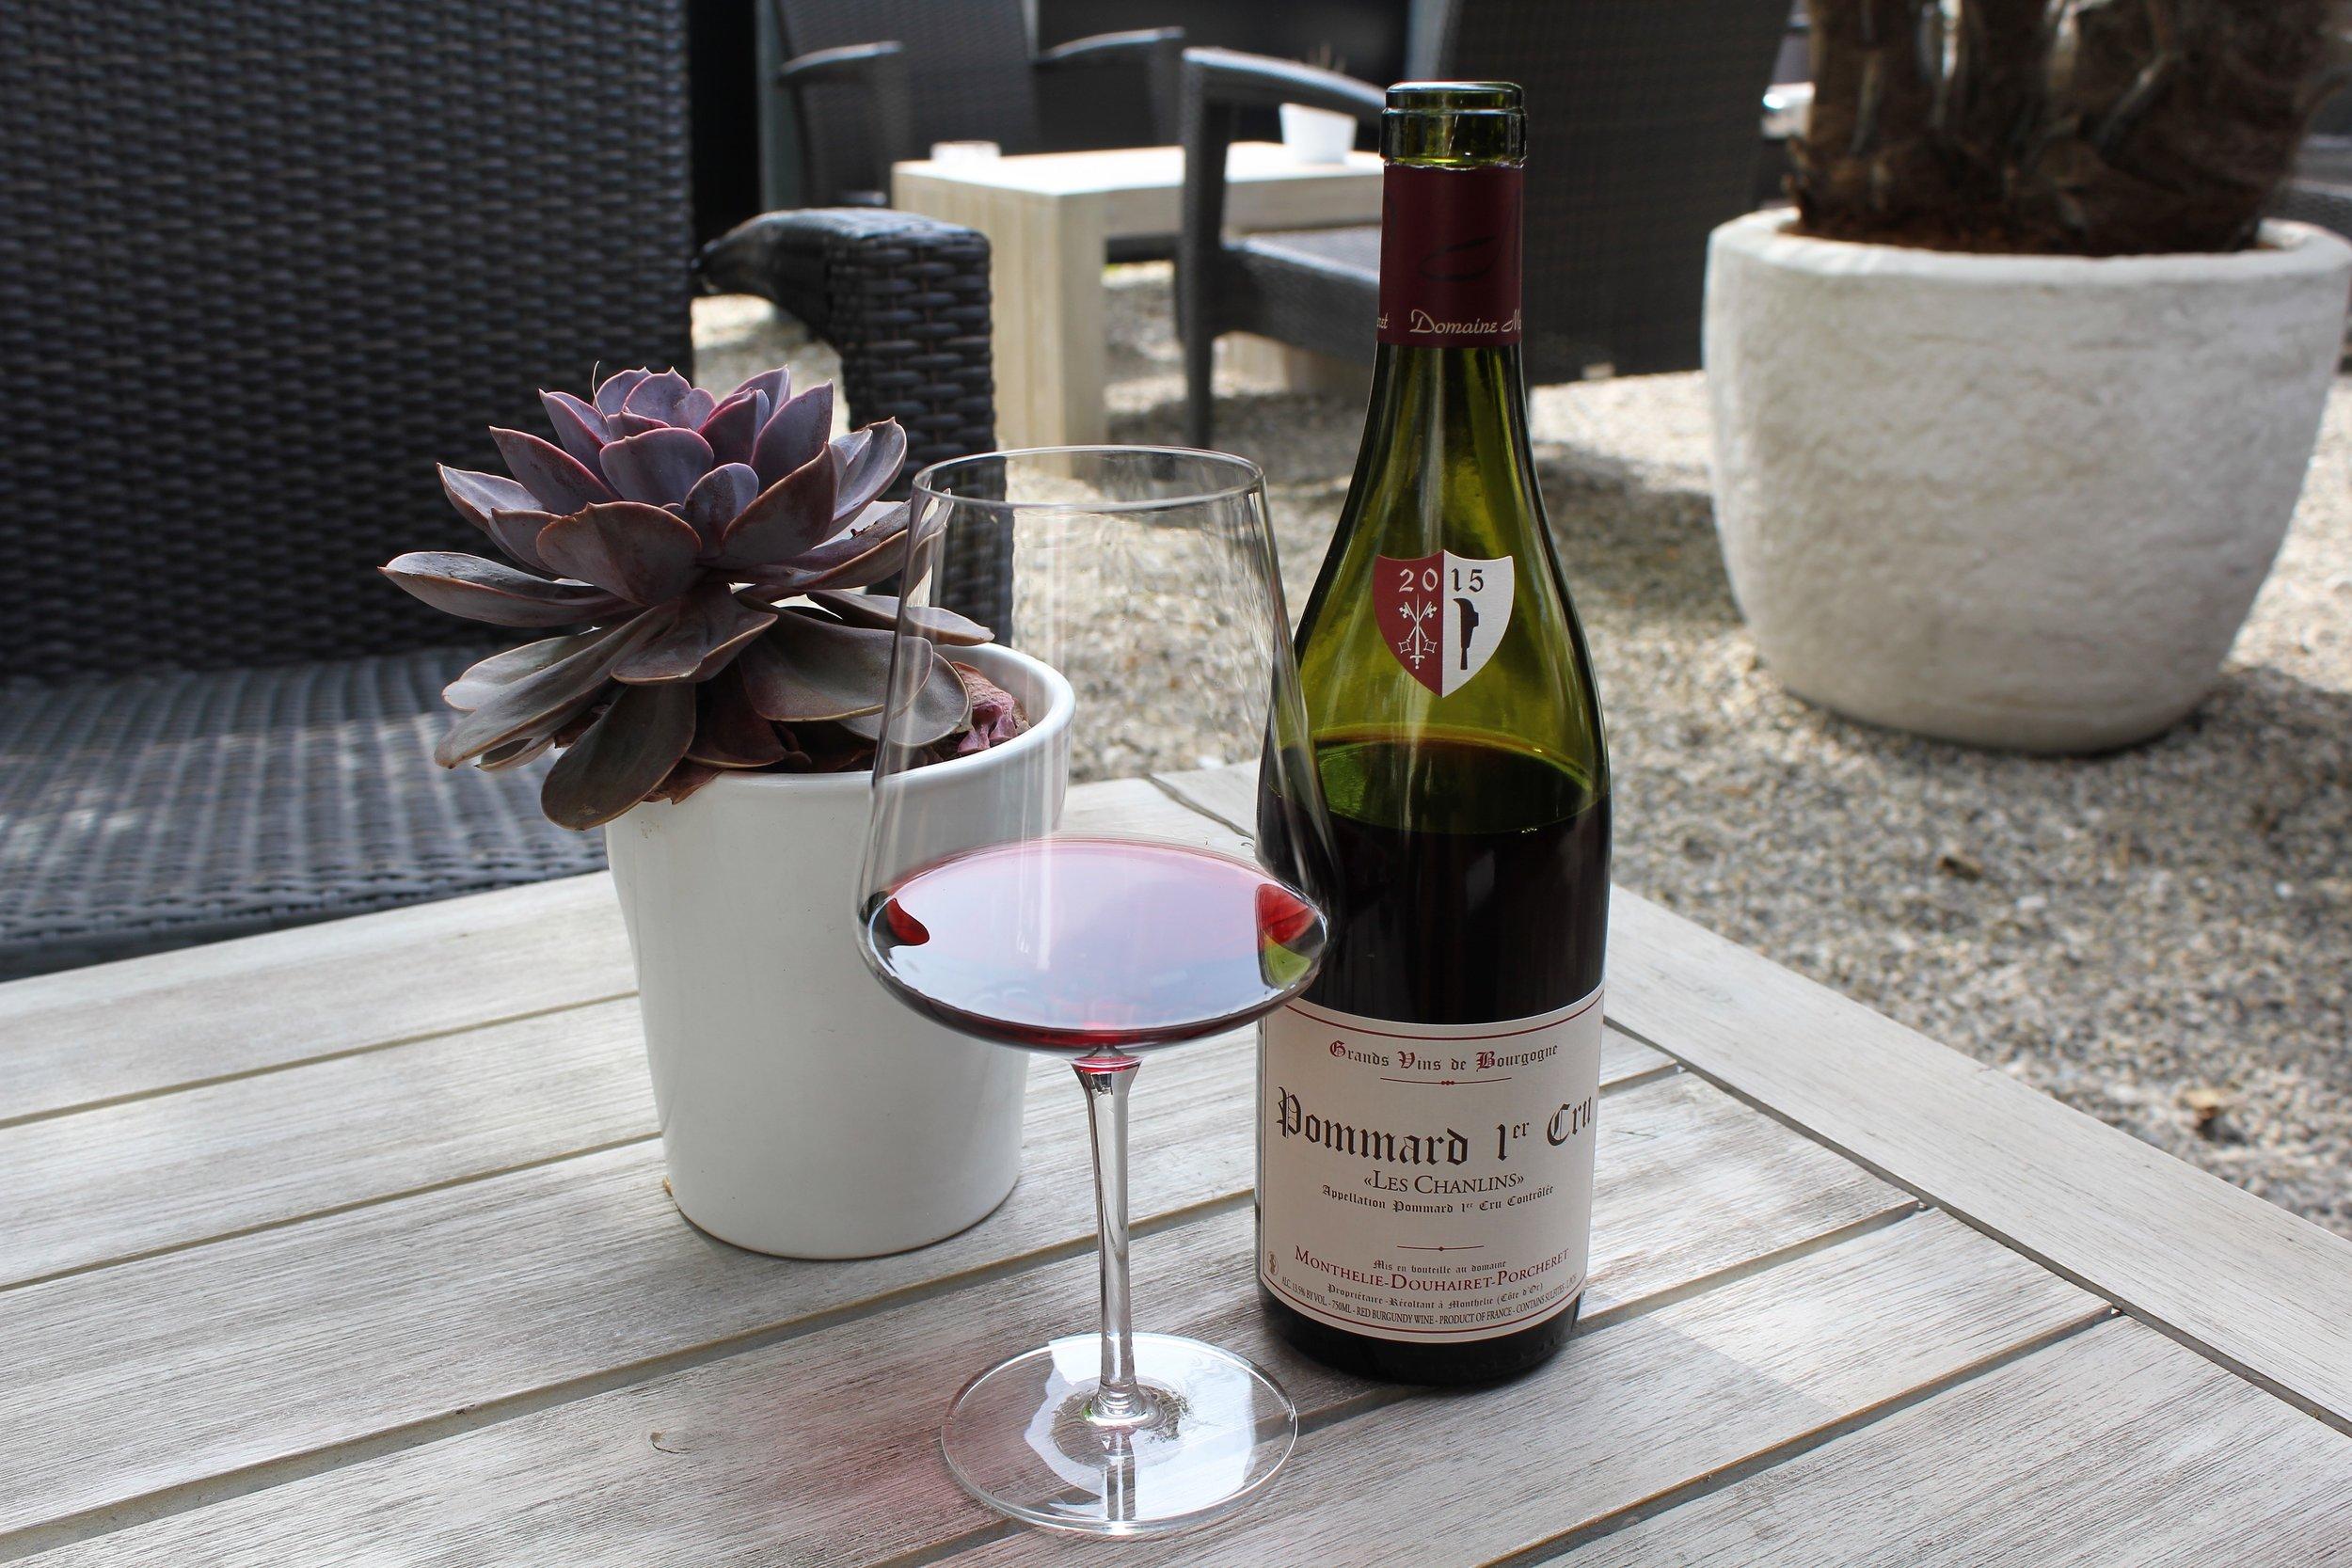 7. Caveau de Puligny-Montrachet -